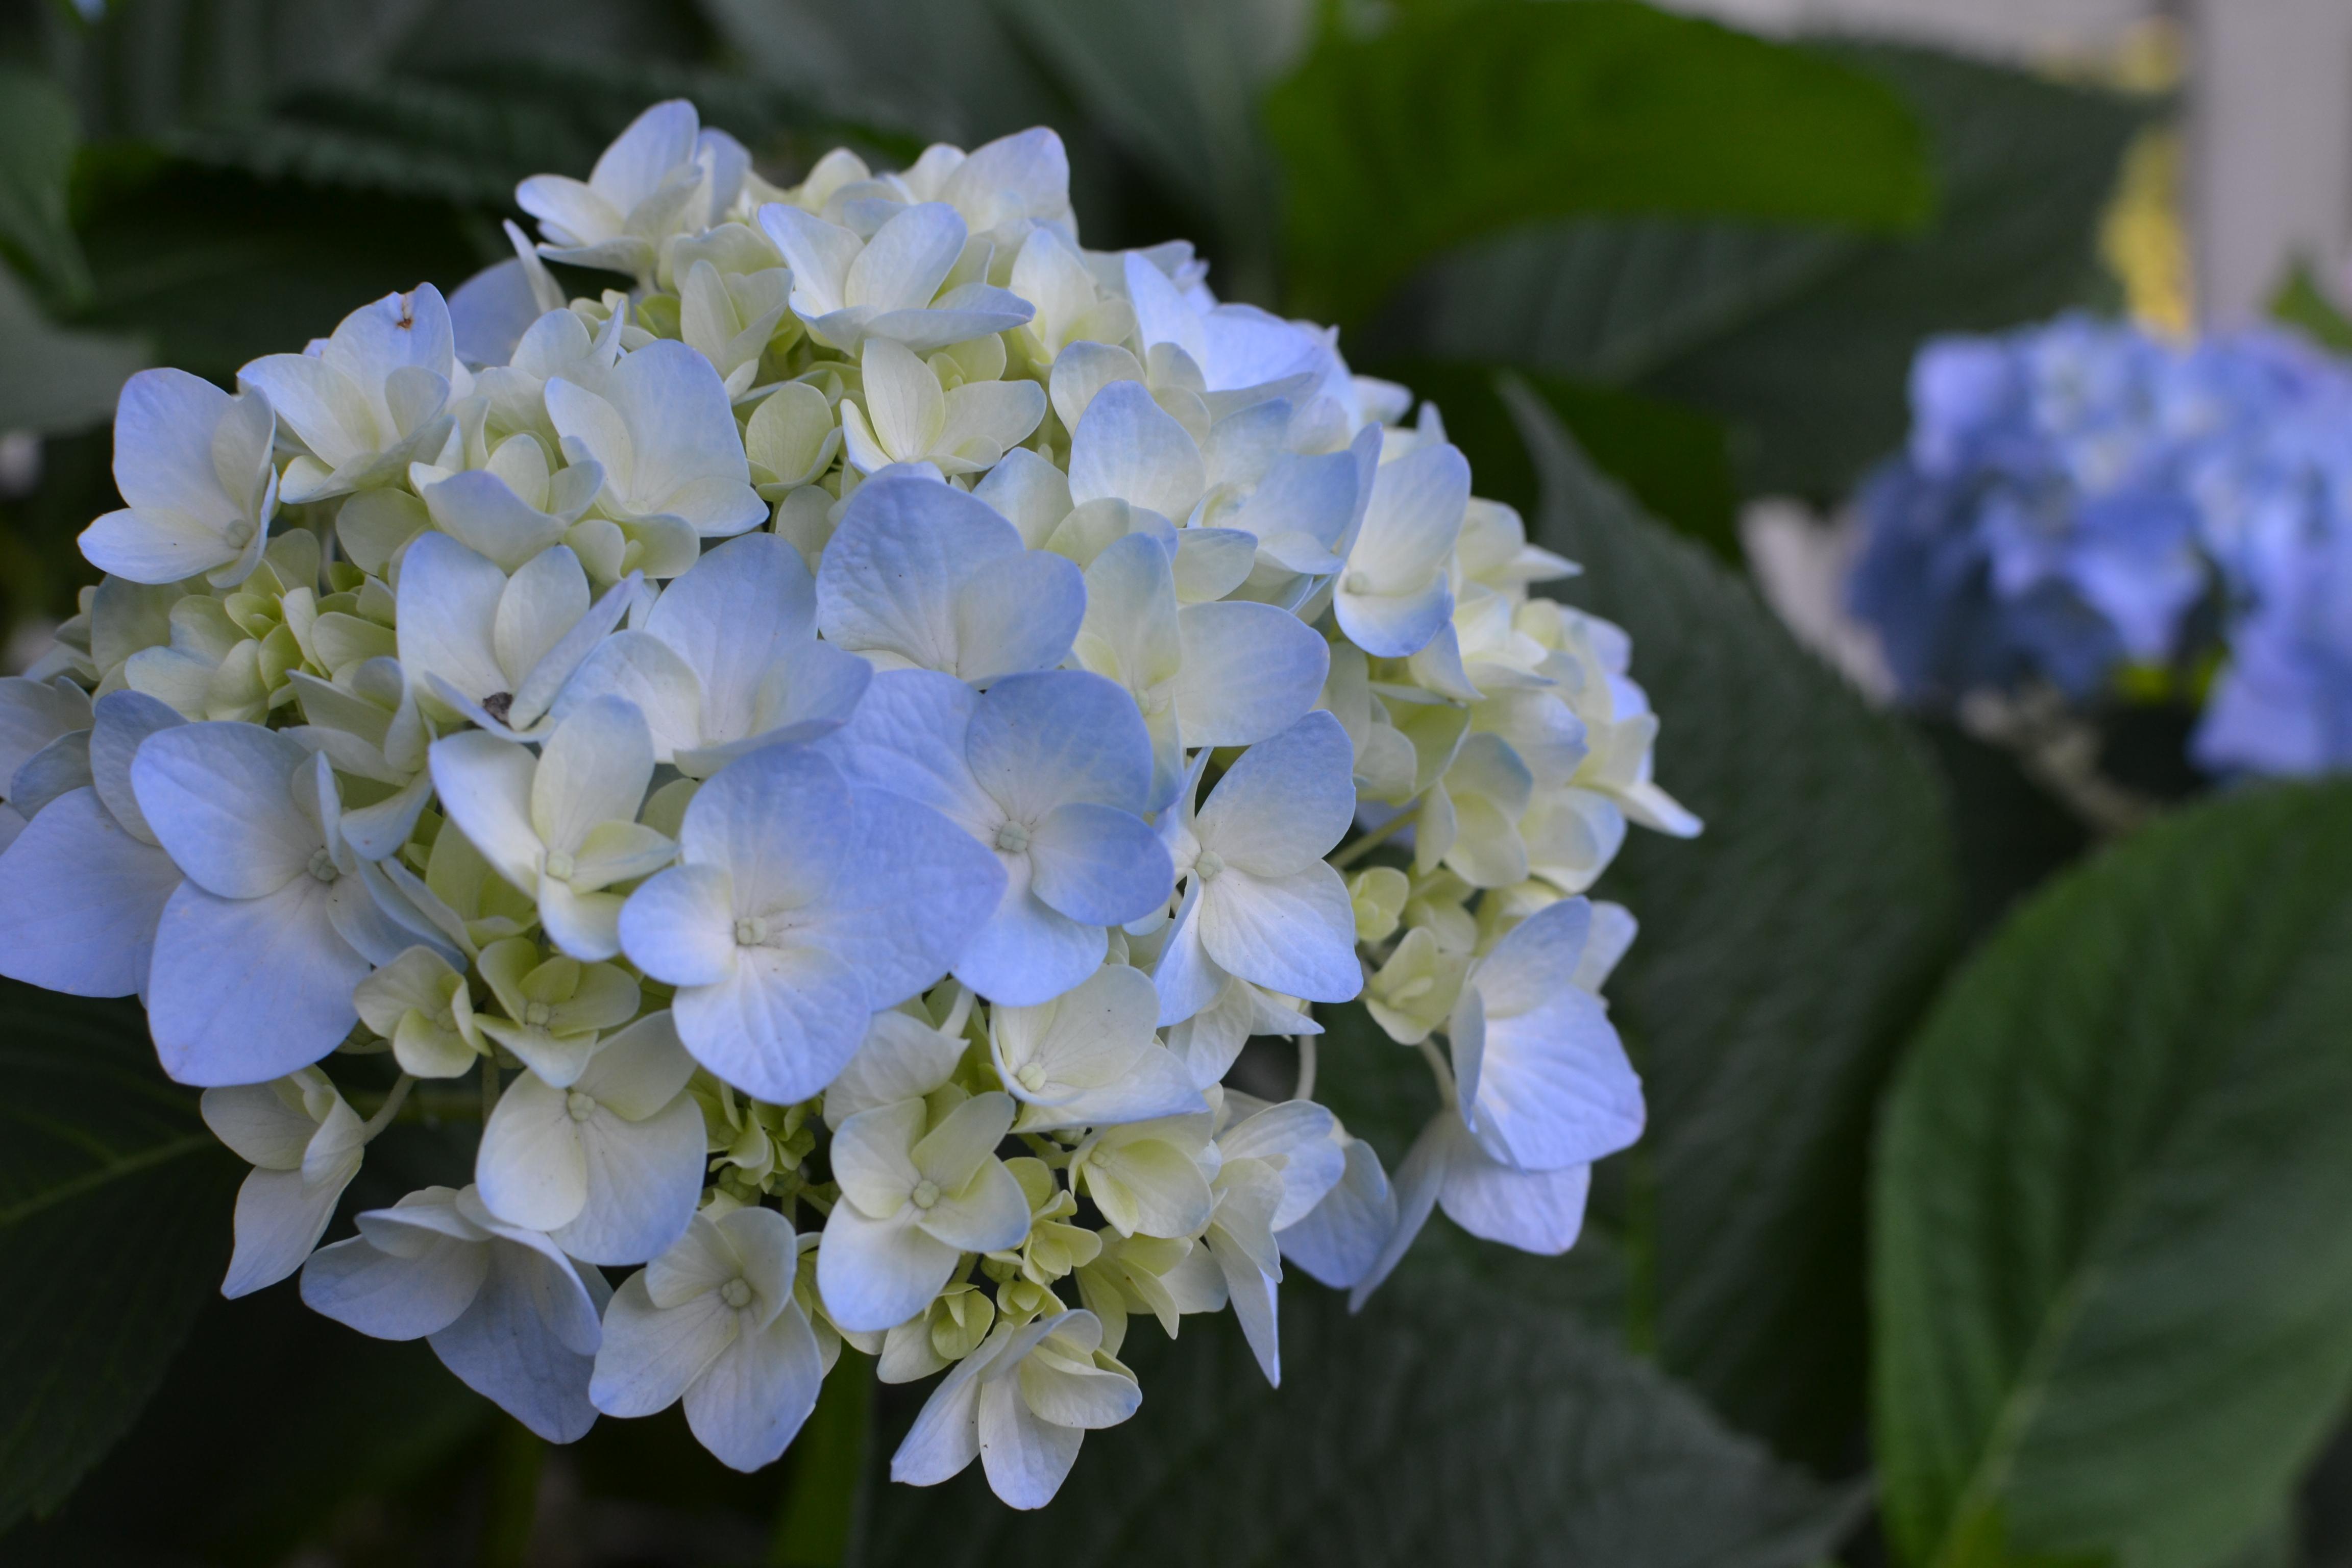 Fun My Hydrangea Love Love Giver Blushing Bride Hydrangea Wilting Blushing Bride Hydrangea Blue houzz 01 Blushing Bride Hydrangea